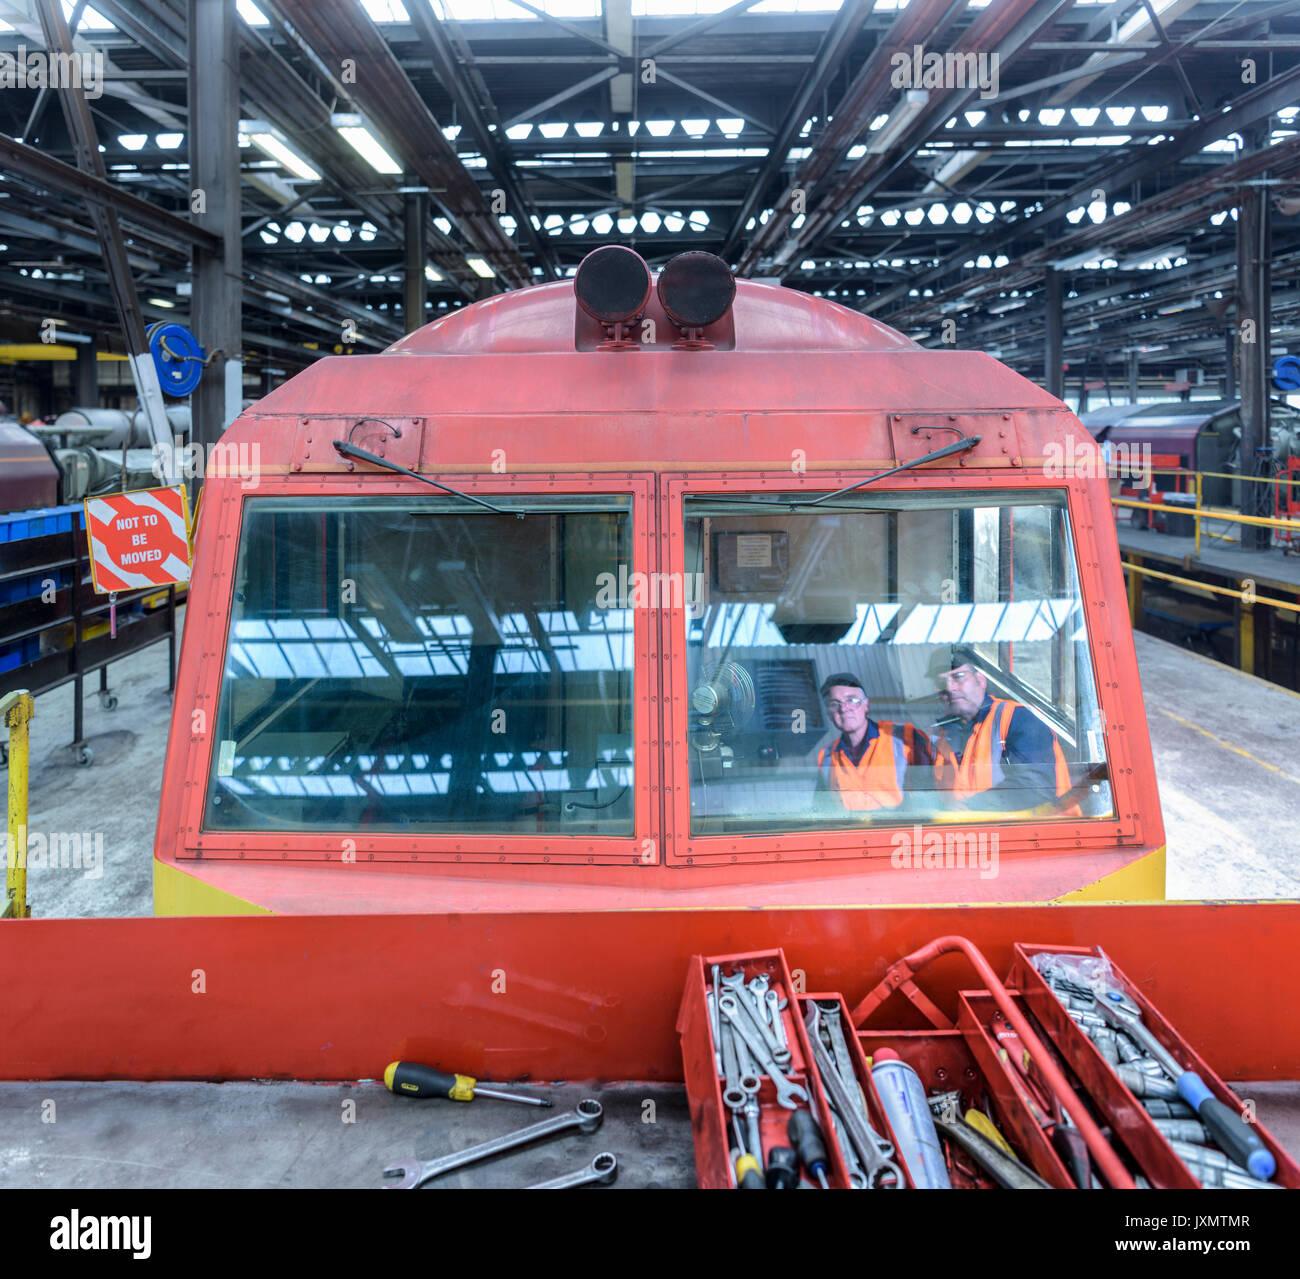 Reflexion der Lokomotive Ingenieure in Zug arbeitet Stockbild